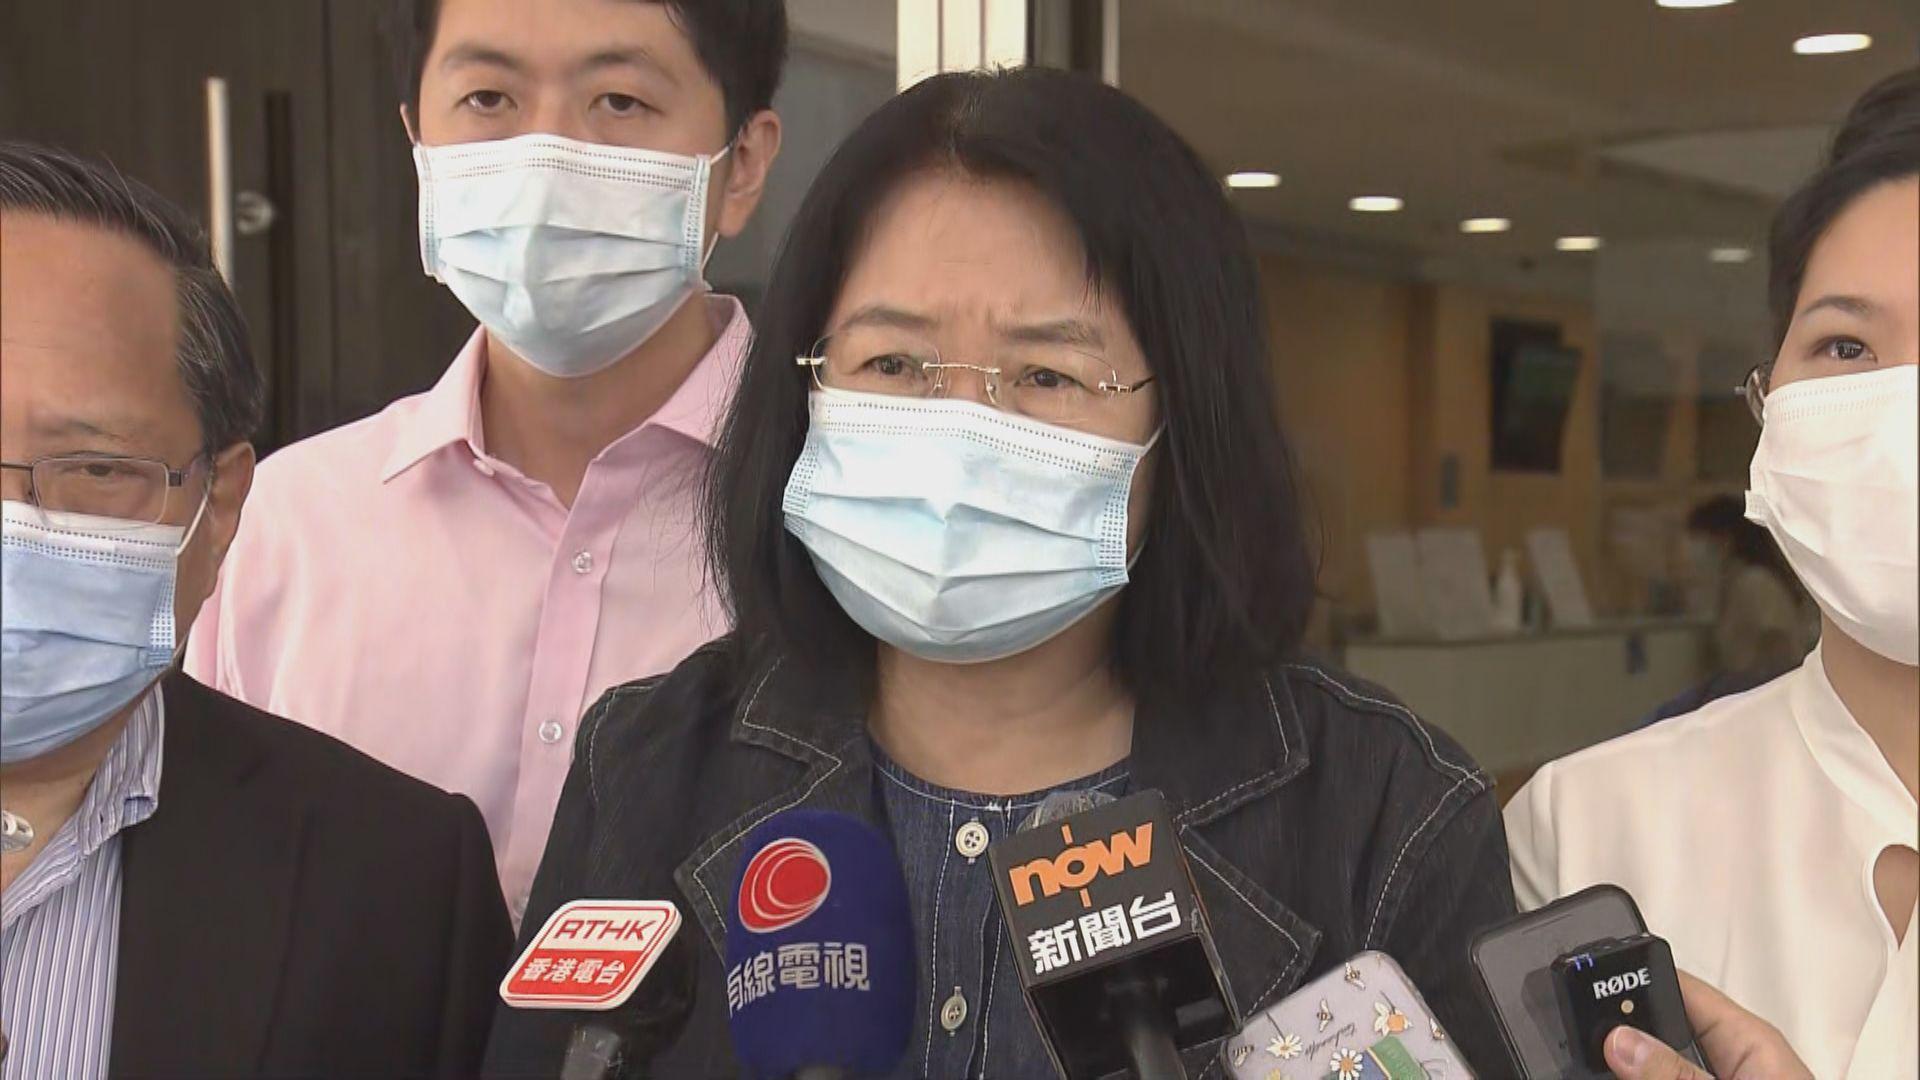 鄭麗琼承認違反禁制令藐視法庭 判監28日緩刑一年